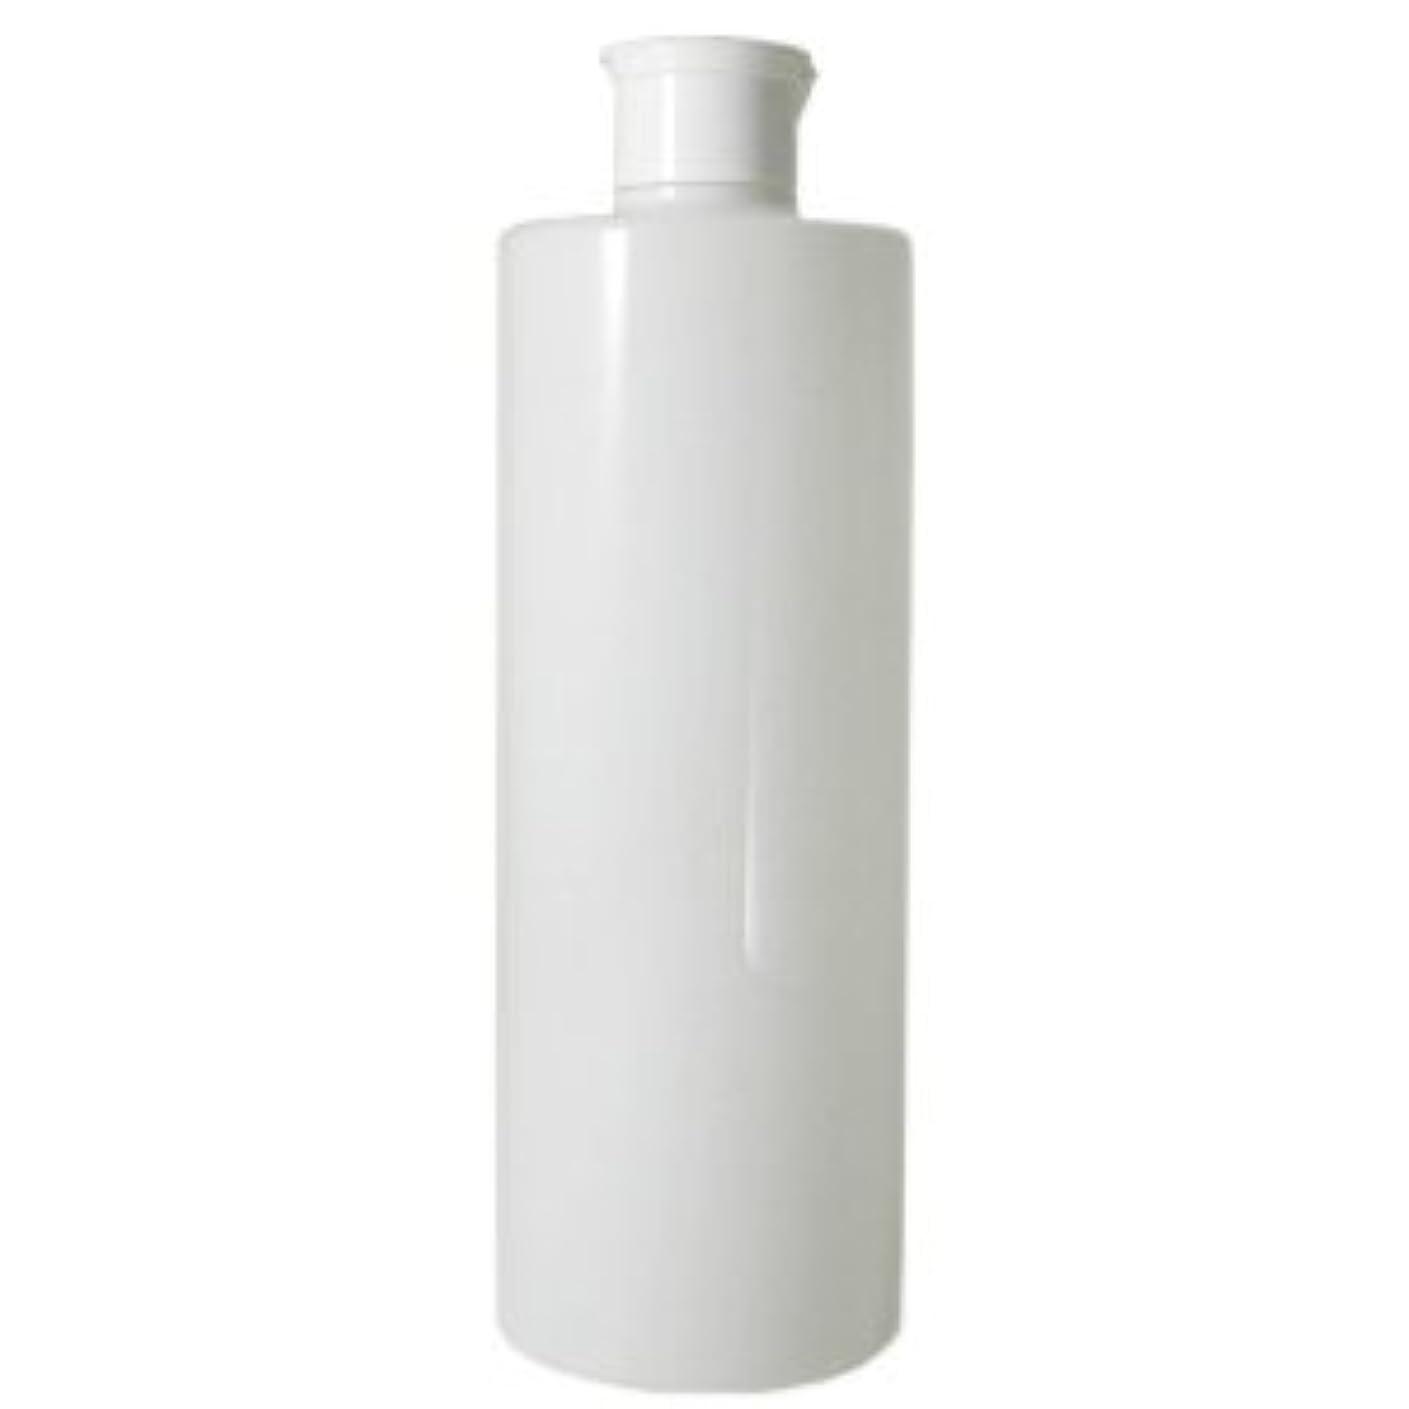 保存する希少性算術ワンタッチキャップ 乳白半透明容器 500ml